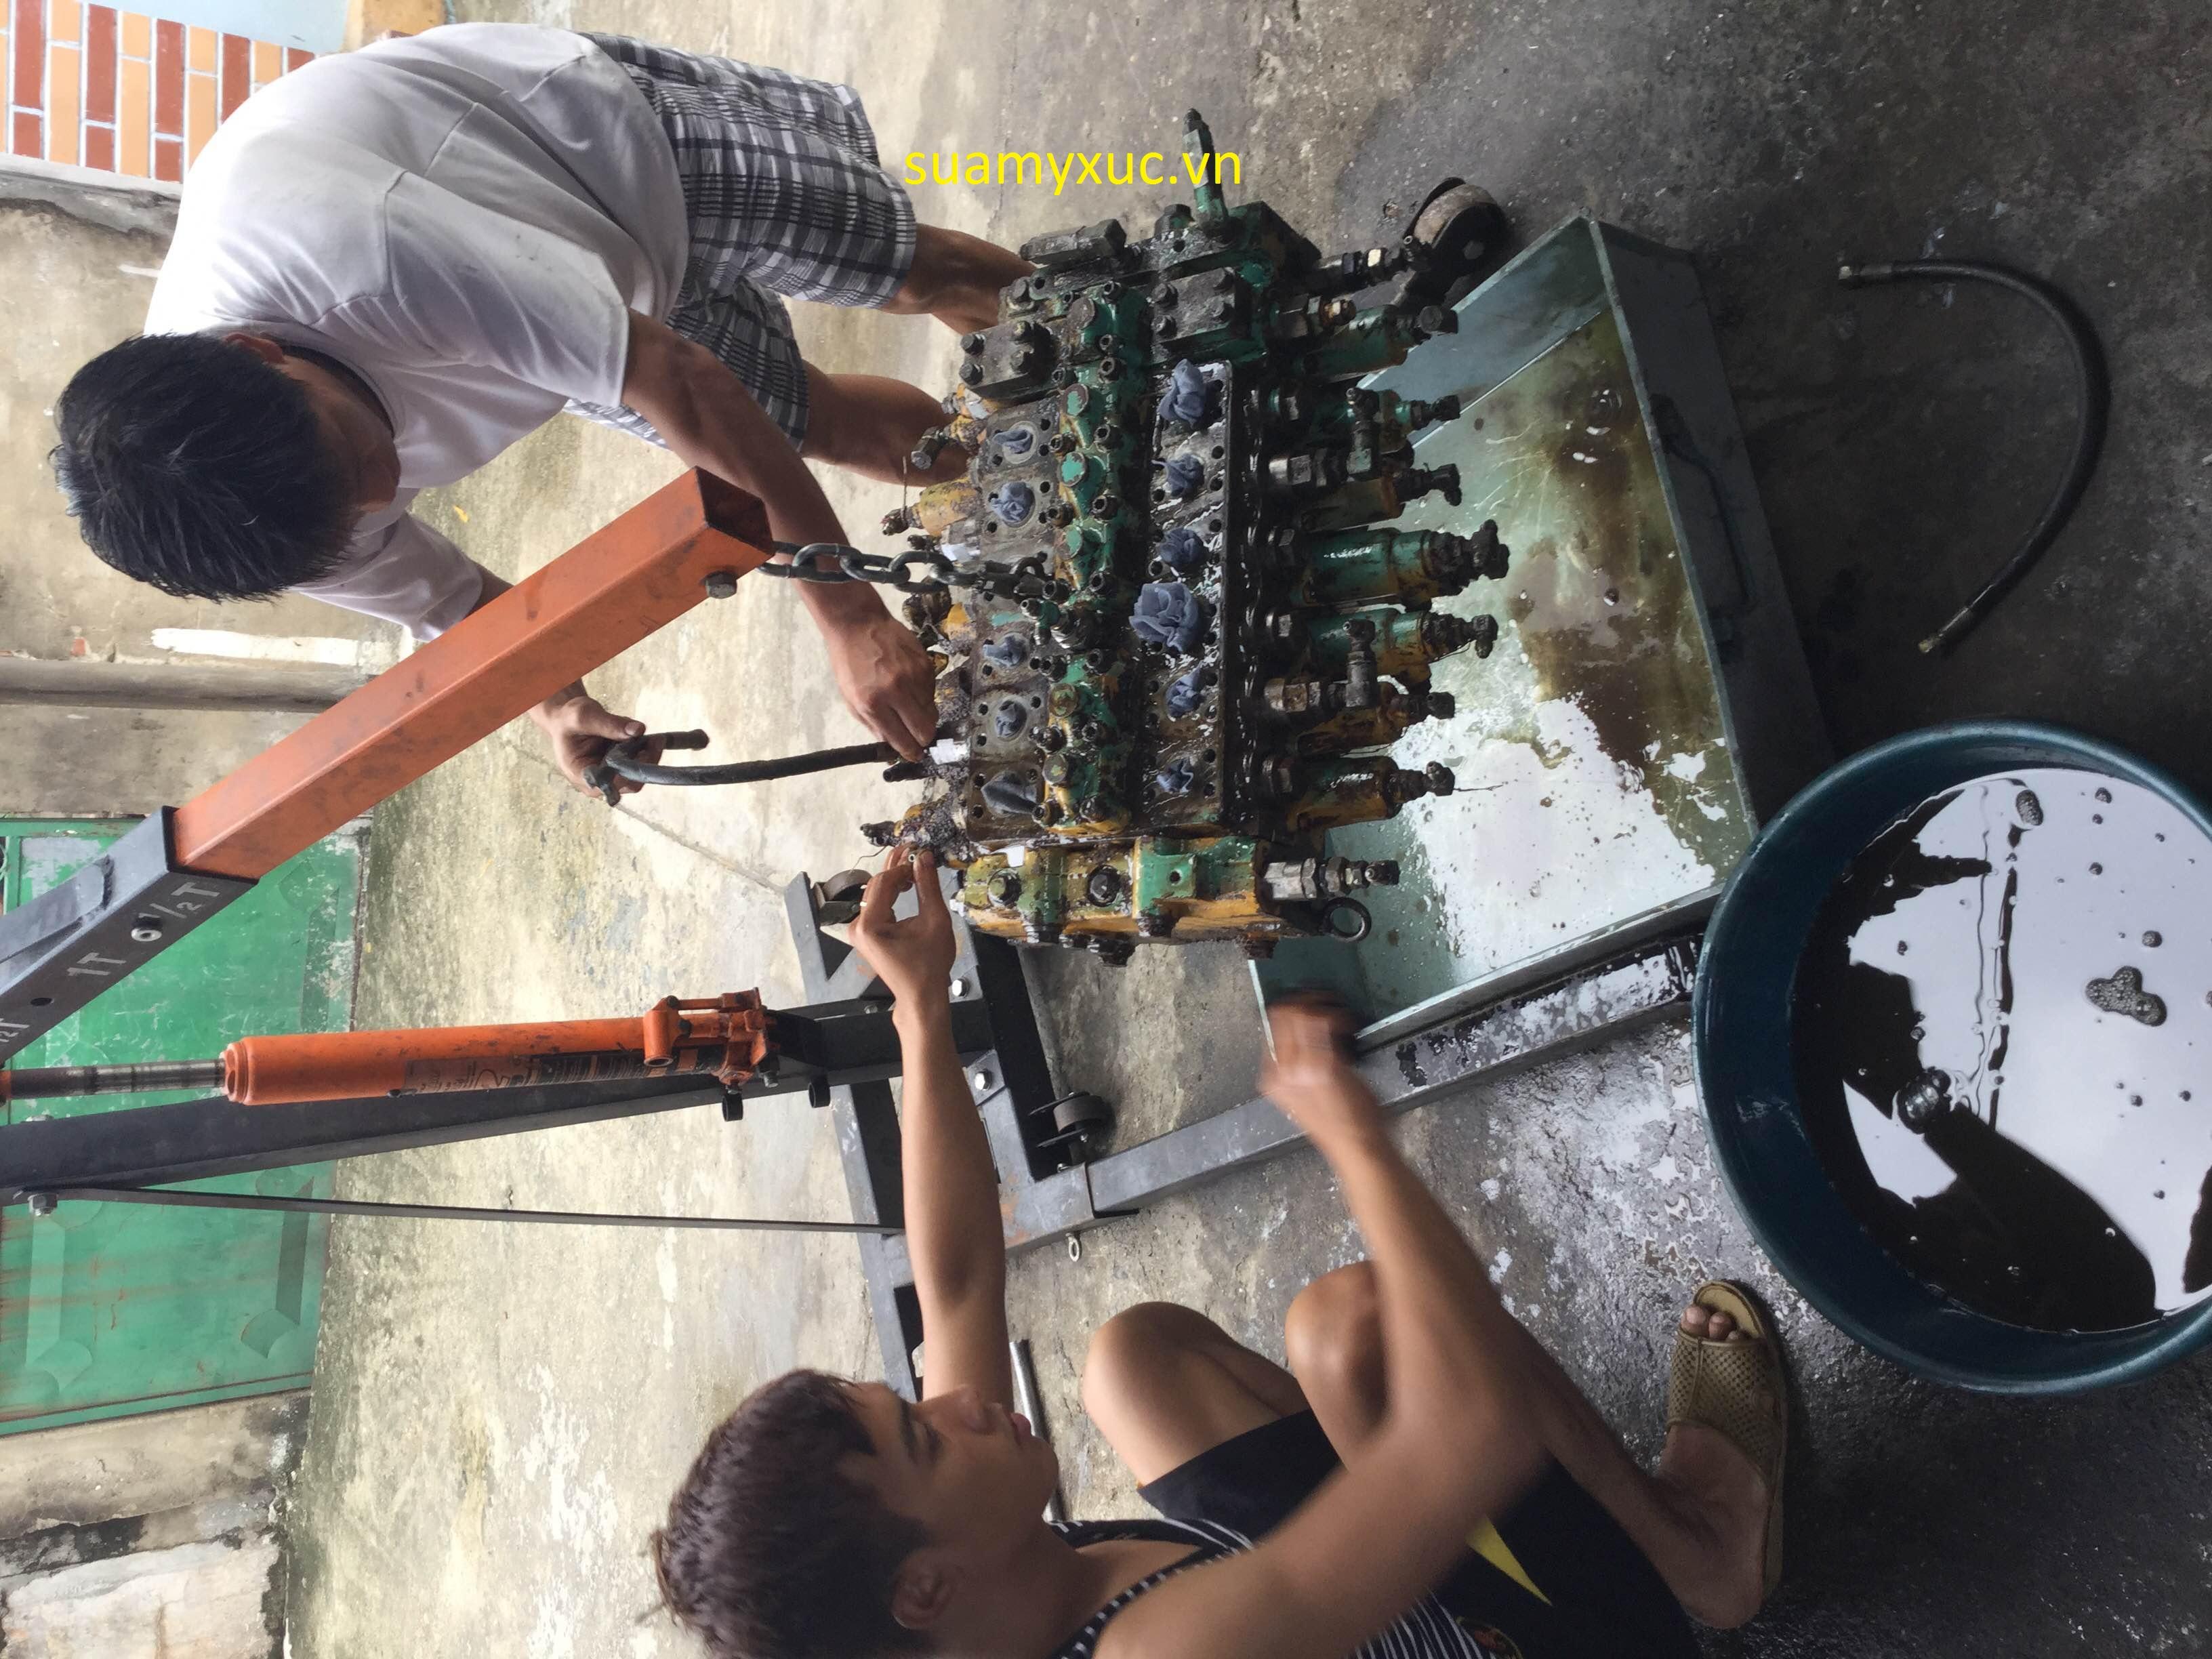 Xưởng sửa máy xúc Hà Nội